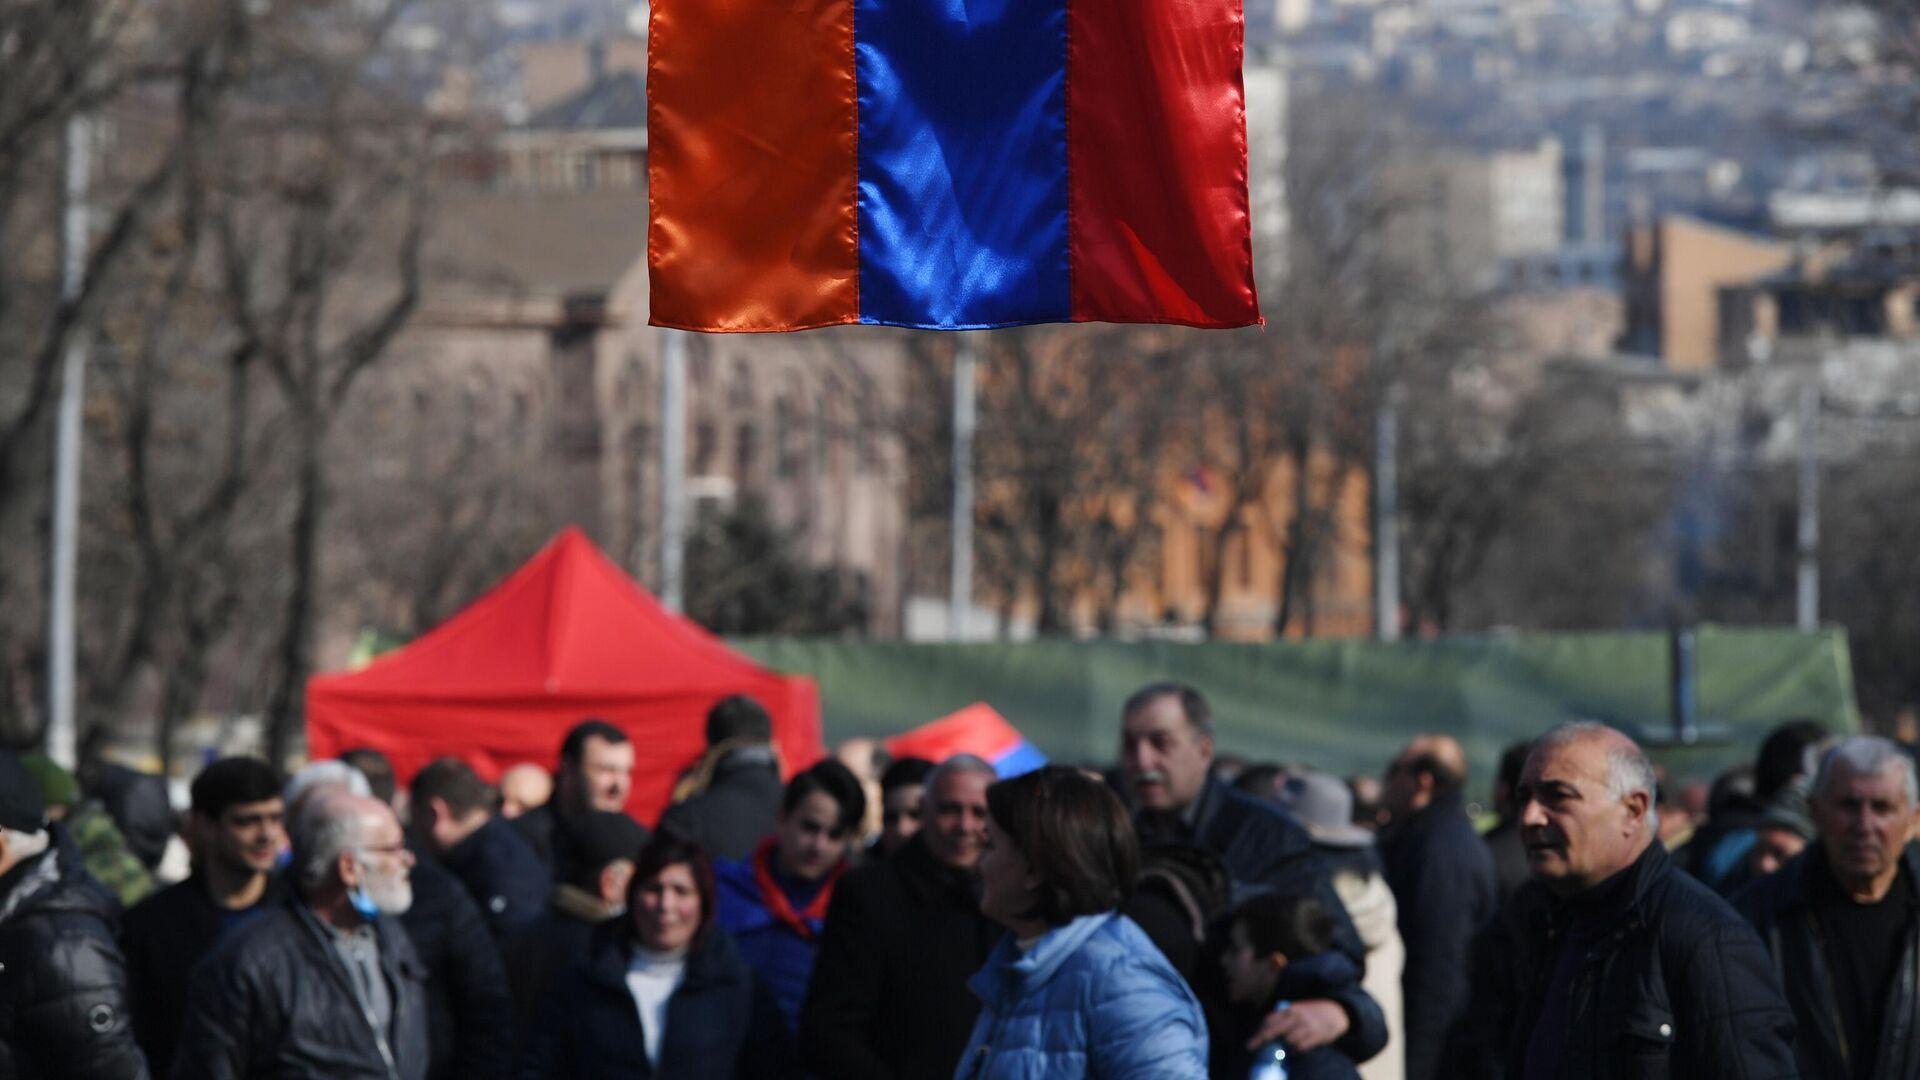 Флаг Армении, вывешенный на проспекте Баграмяна в Ереване во время митинга оппозиции - РИА Новости, 1920, 01.03.2021